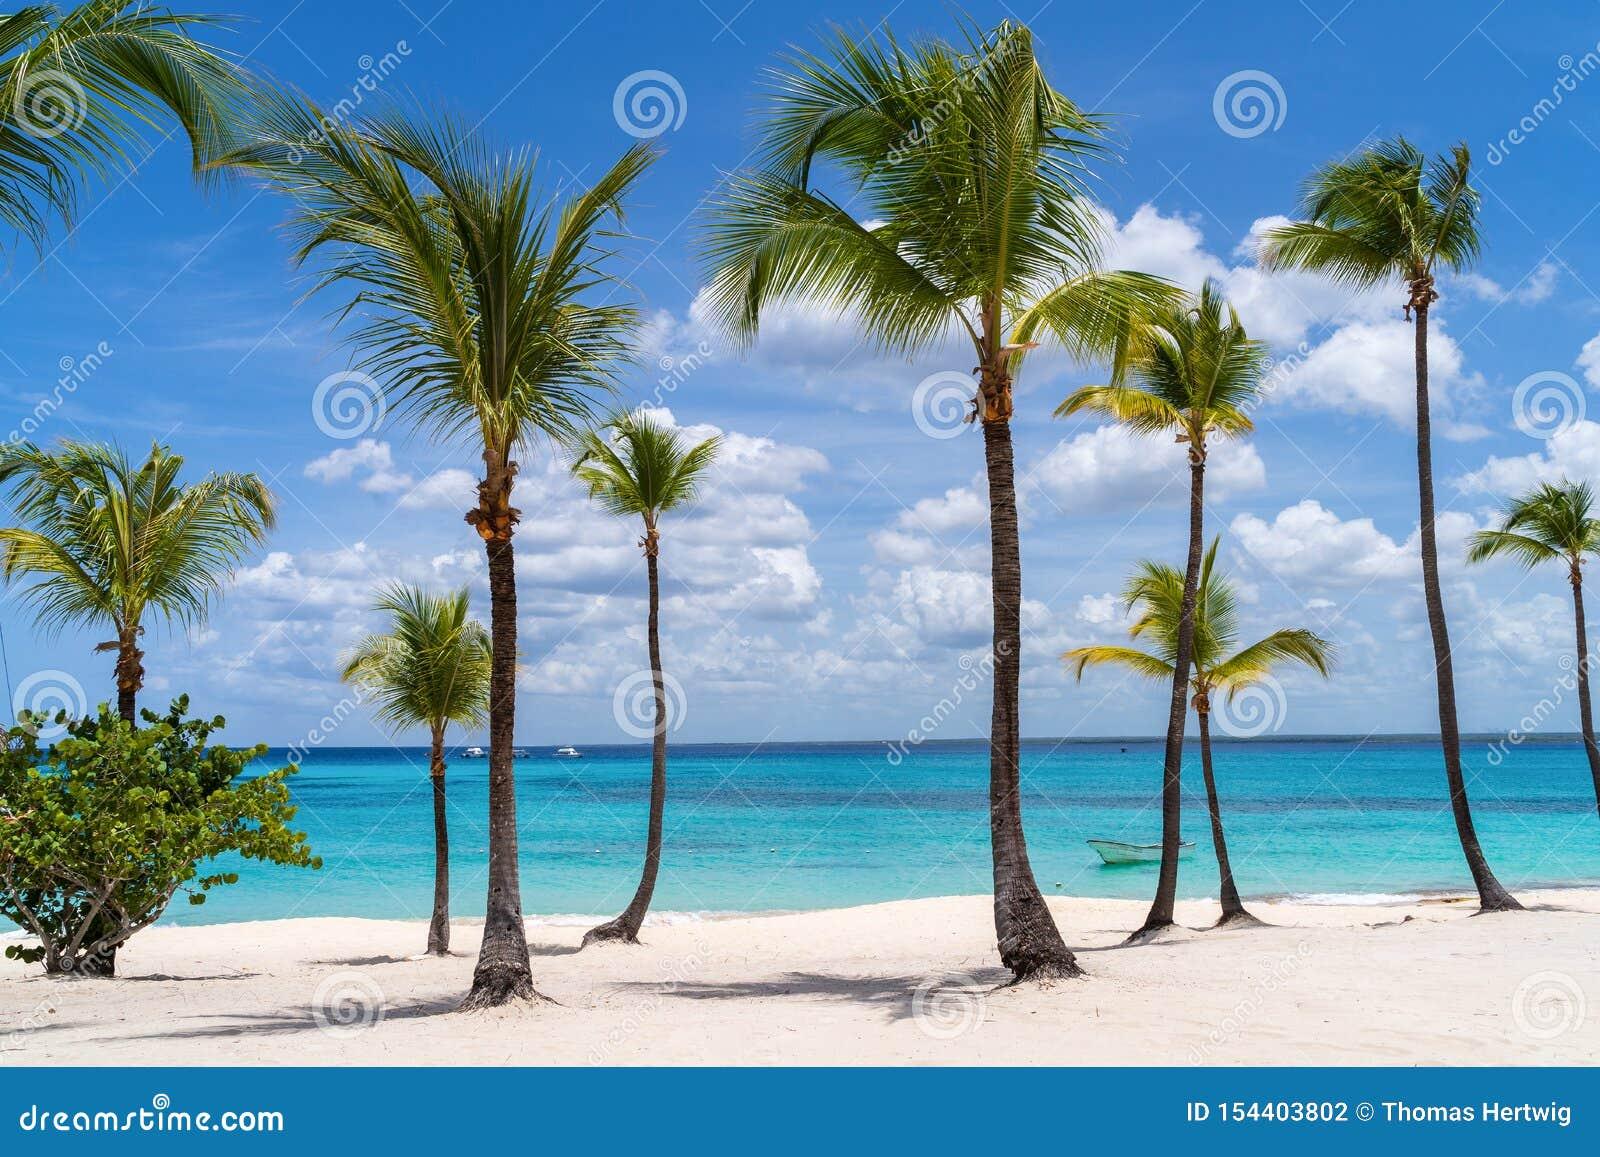 Palmeiras em Catalina Island na República Dominicana